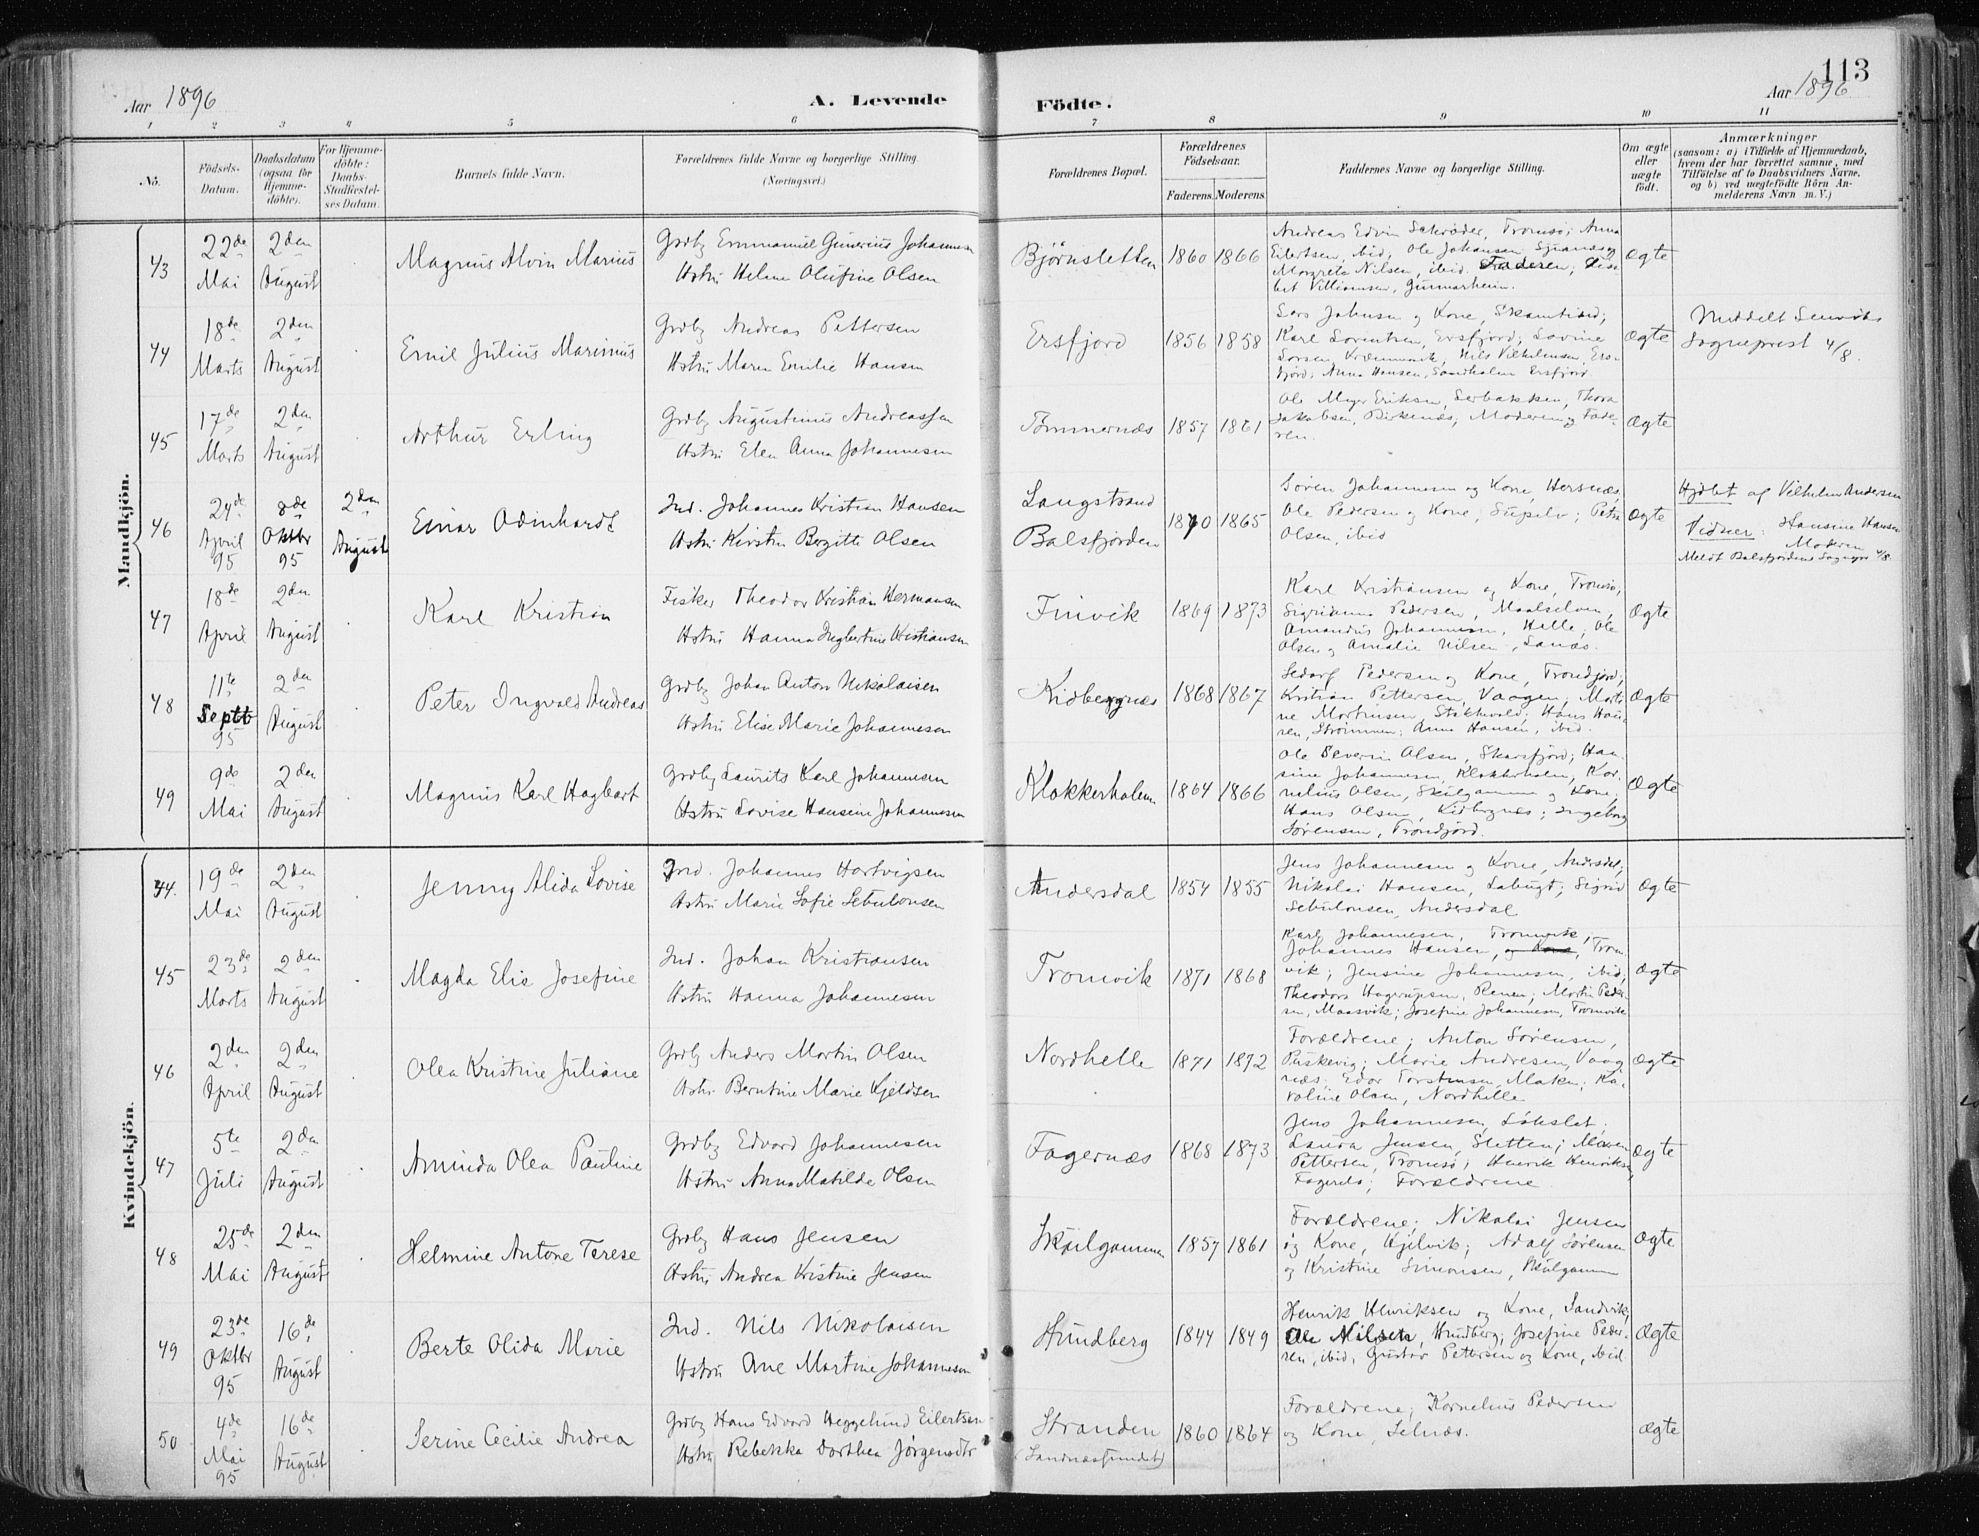 SATØ, Tromsøysund sokneprestkontor, G/Ga/L0005kirke: Ministerialbok nr. 5, 1888-1896, s. 113